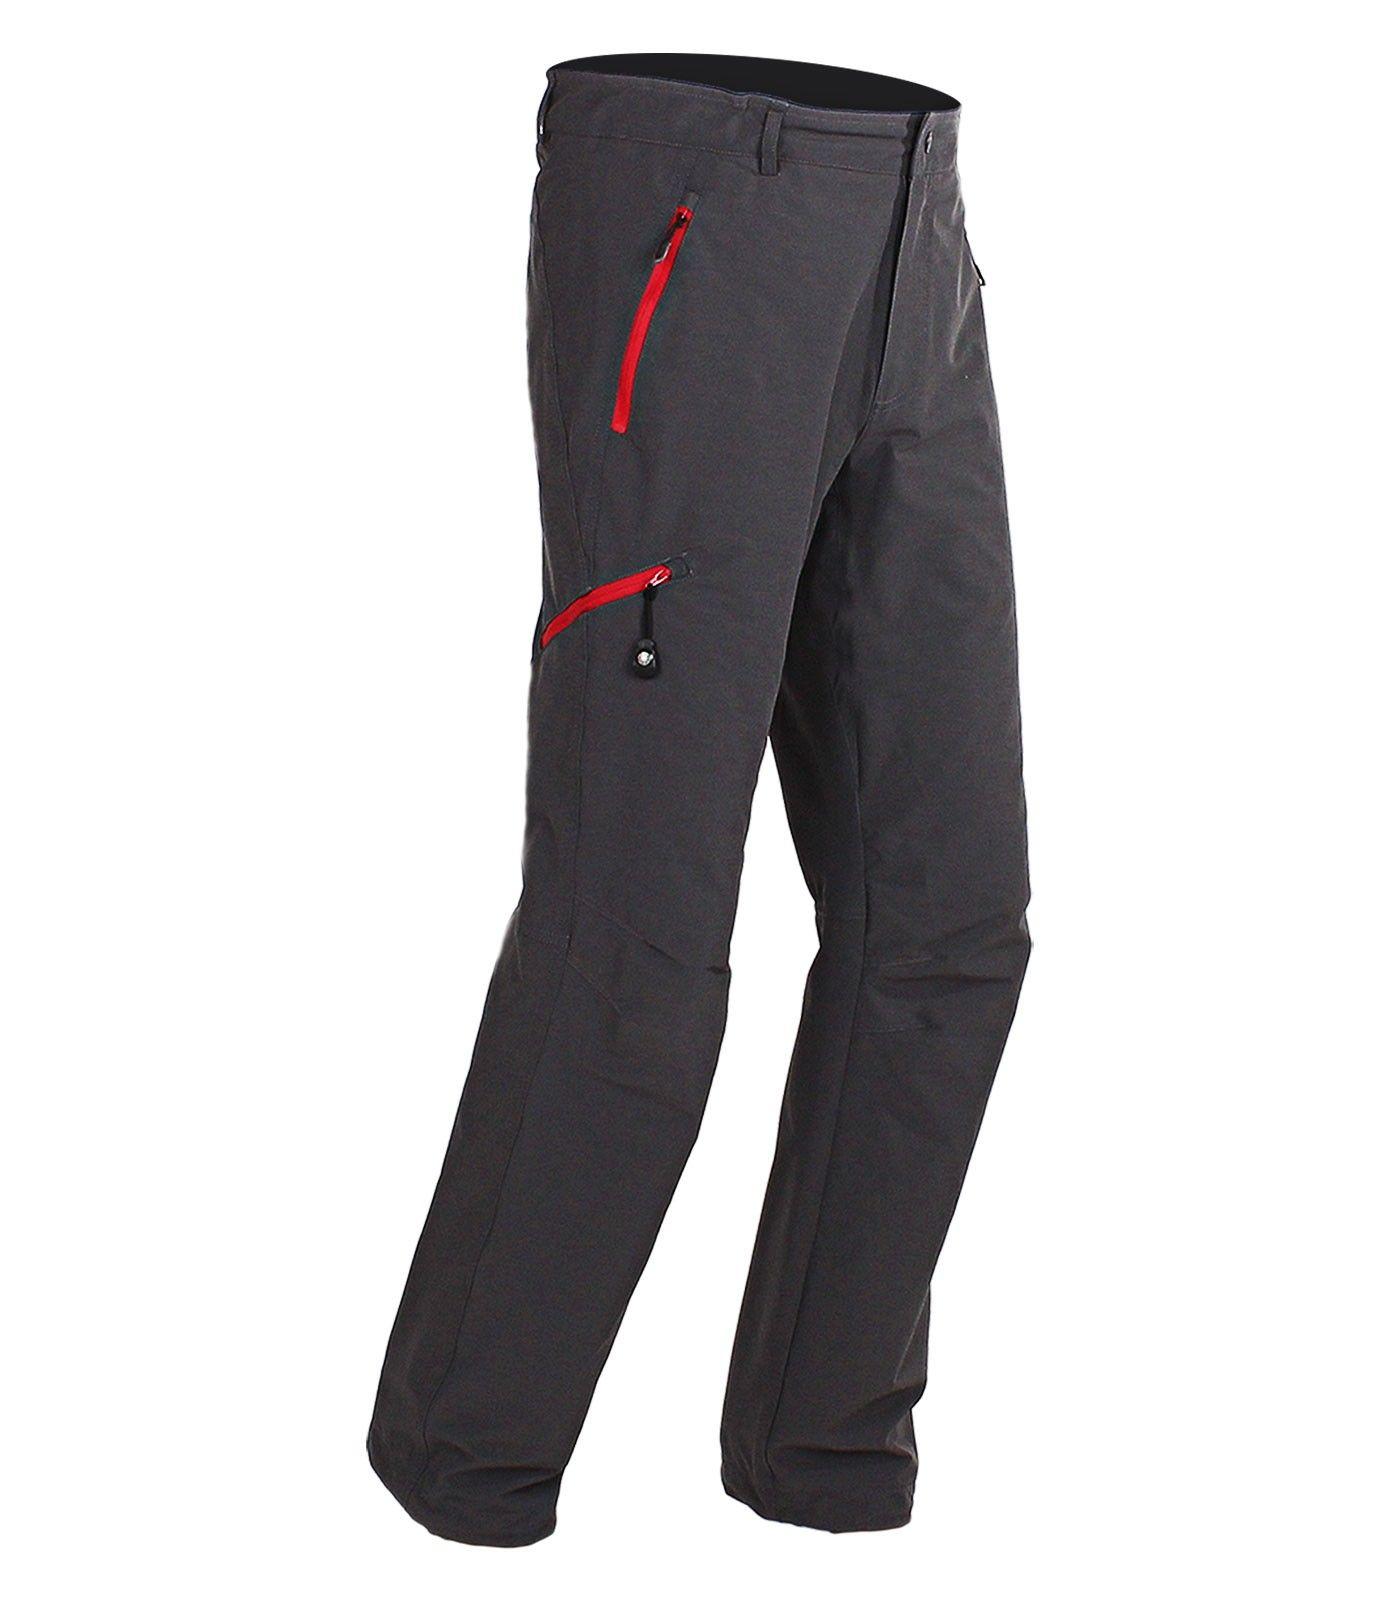 pantalon de randonnée : le bon choix